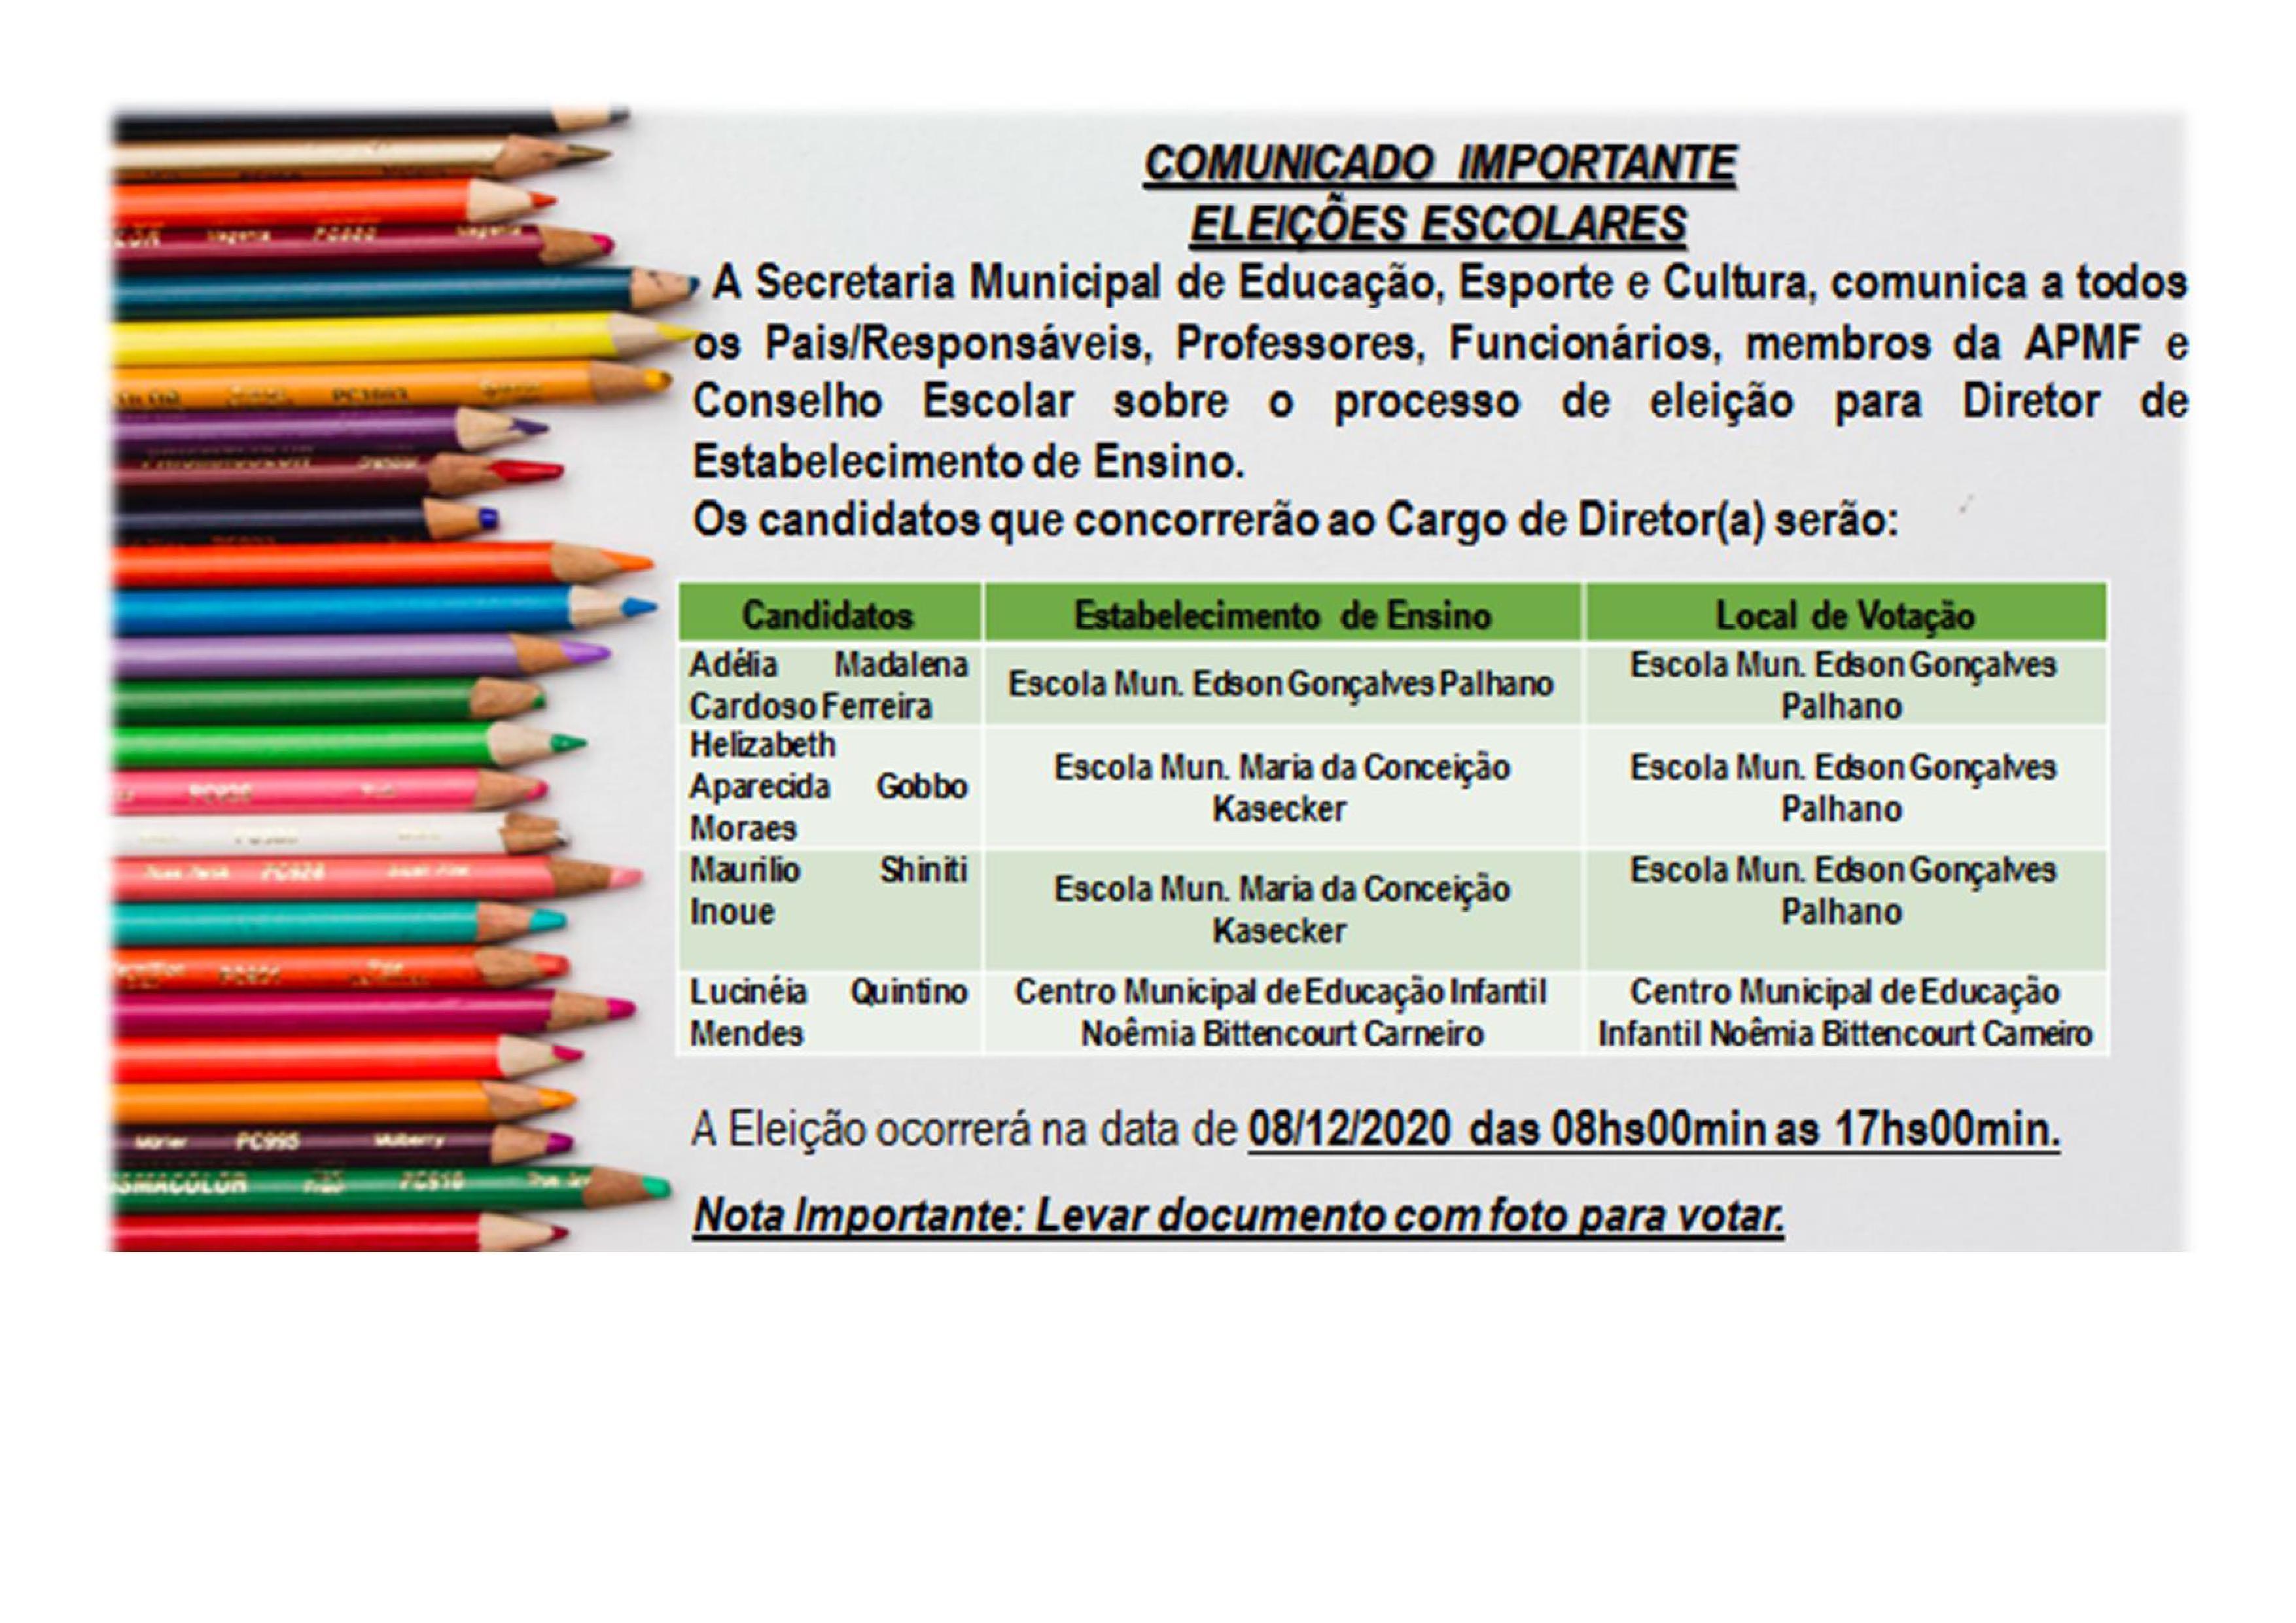 COMUNICADO - ELEIÇÃO DE DIRETORES DAS ESCOLAS MUNICIPAIS